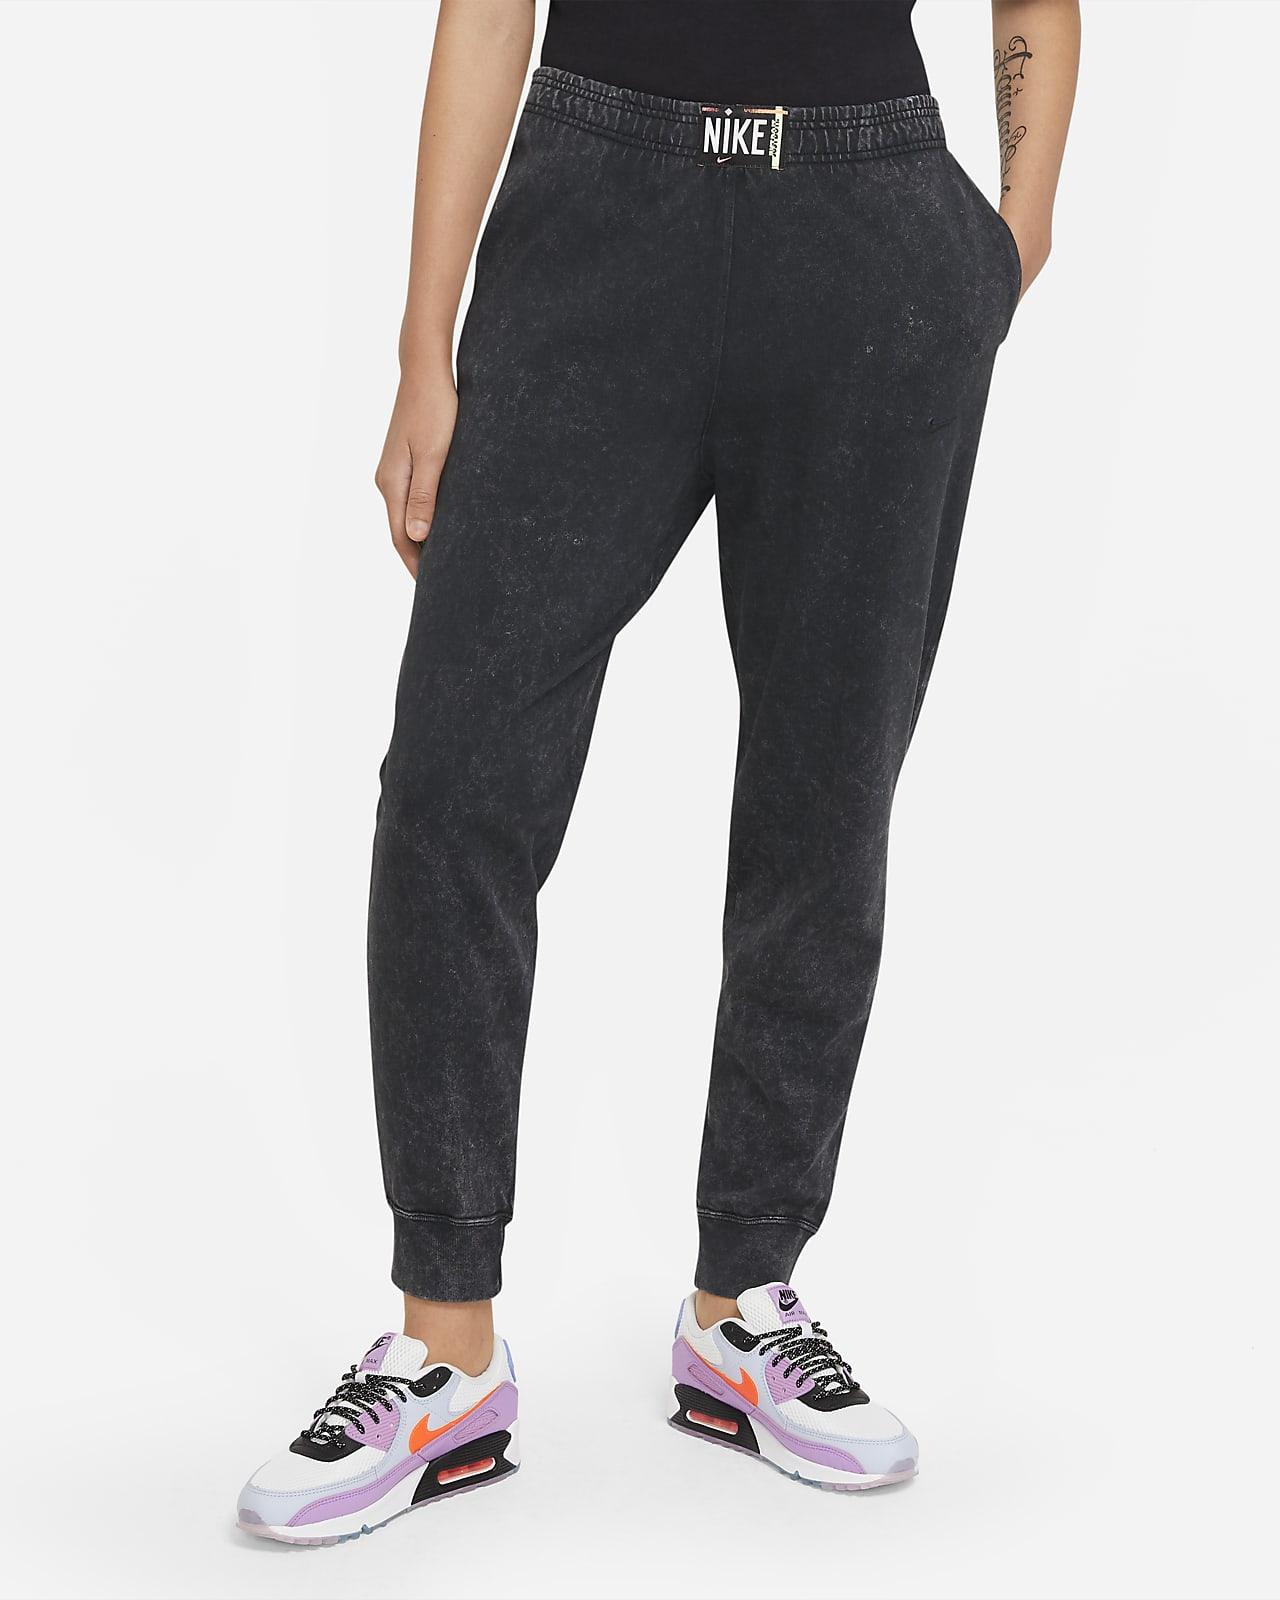 Nike Sportswear Soluk Kadın Eşofman Altı